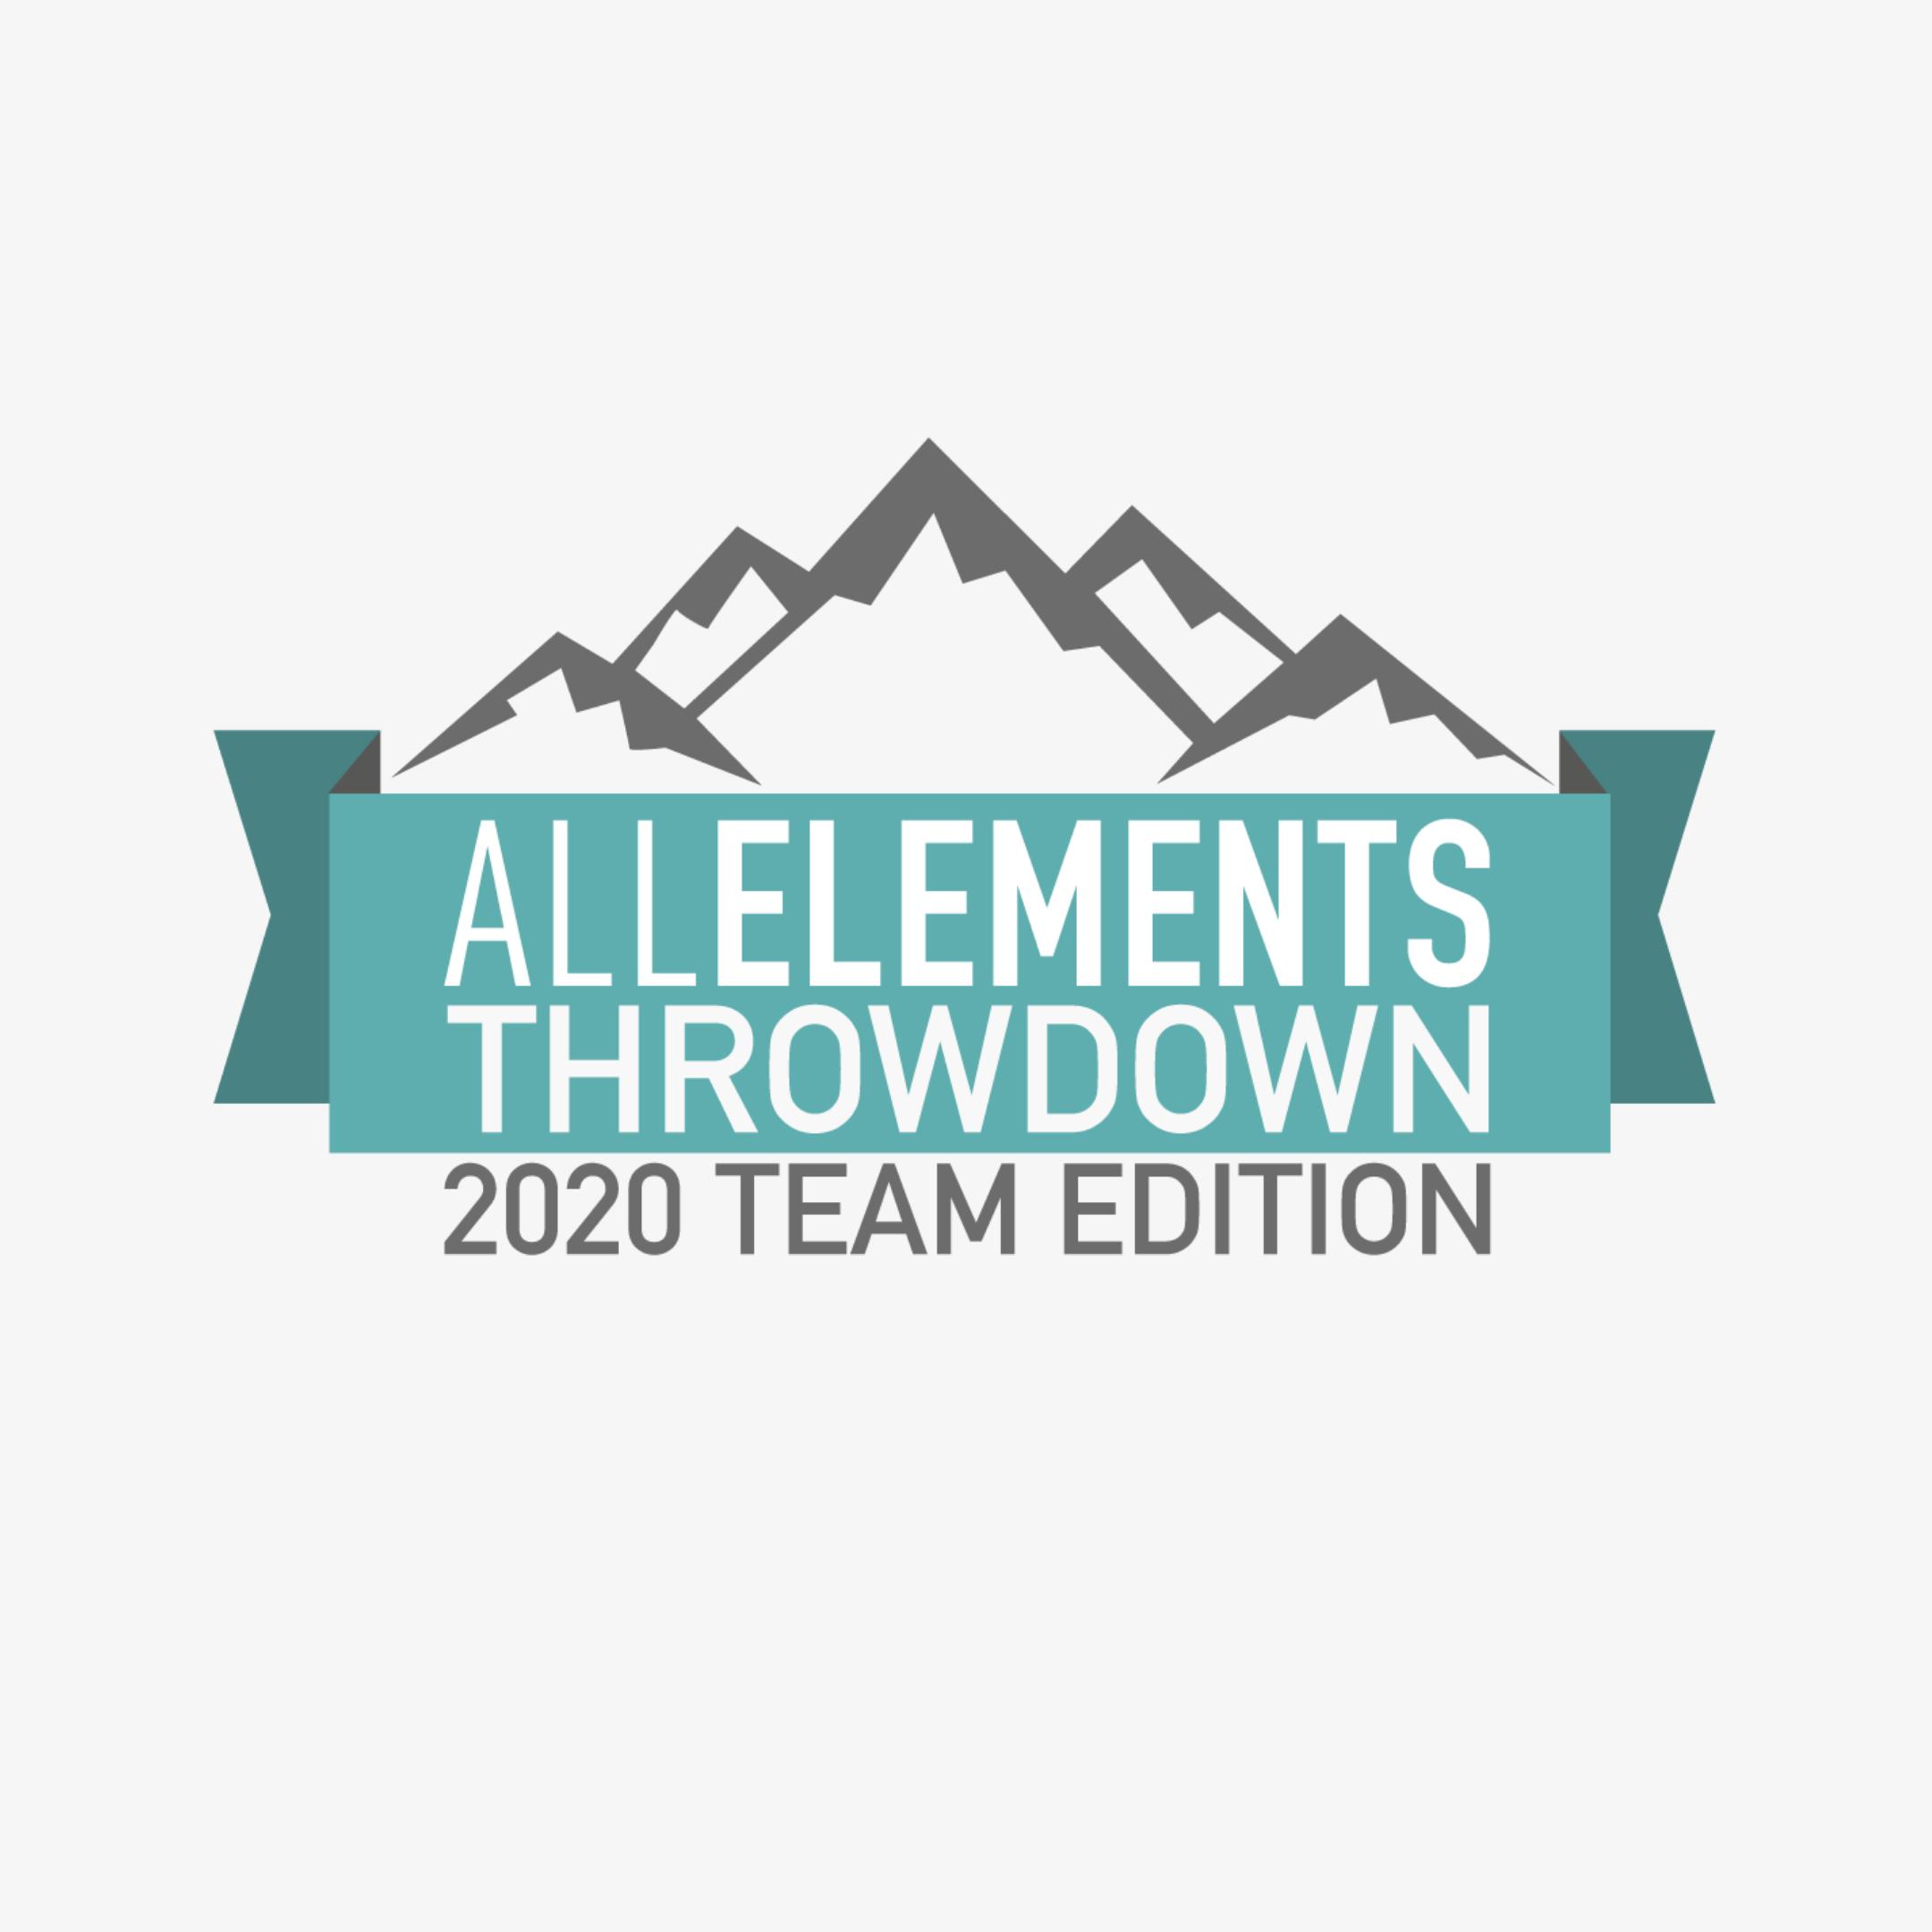 Création du logo - All Elements Throwdown